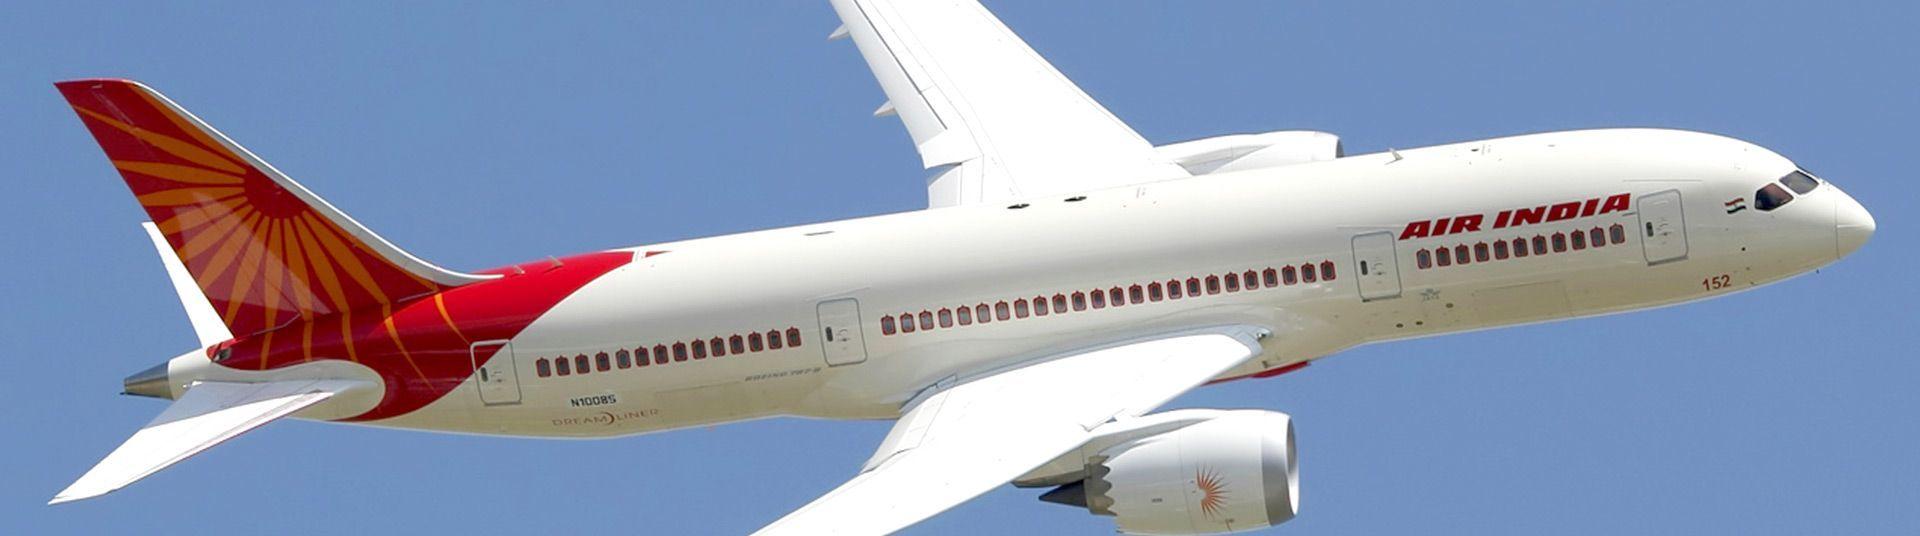 Air india ai r servez un vol air india au meilleur prix for Air madagascar vol interieur horaire